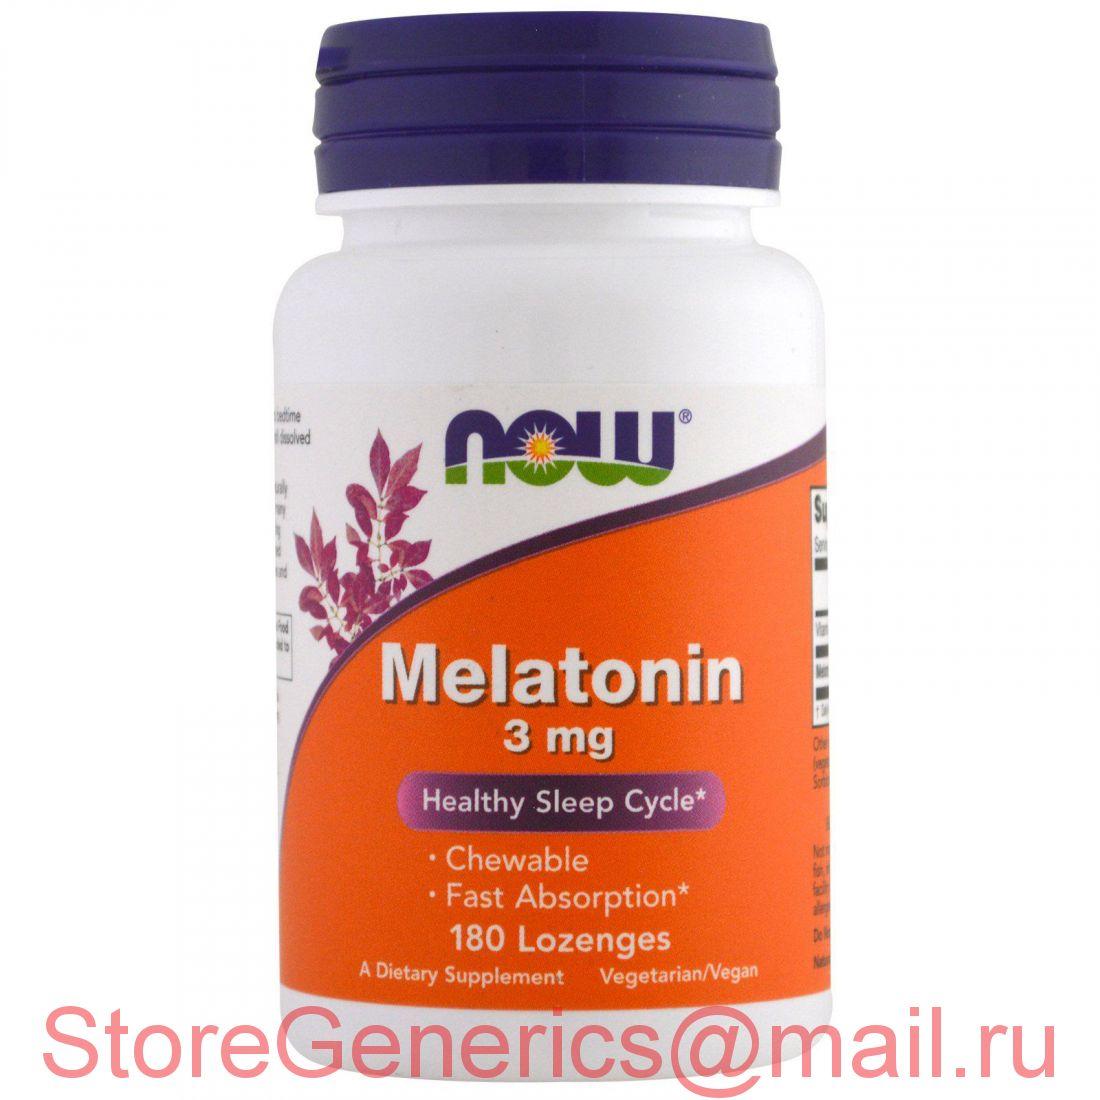 Мелатонин 3 мг 180 пастилок